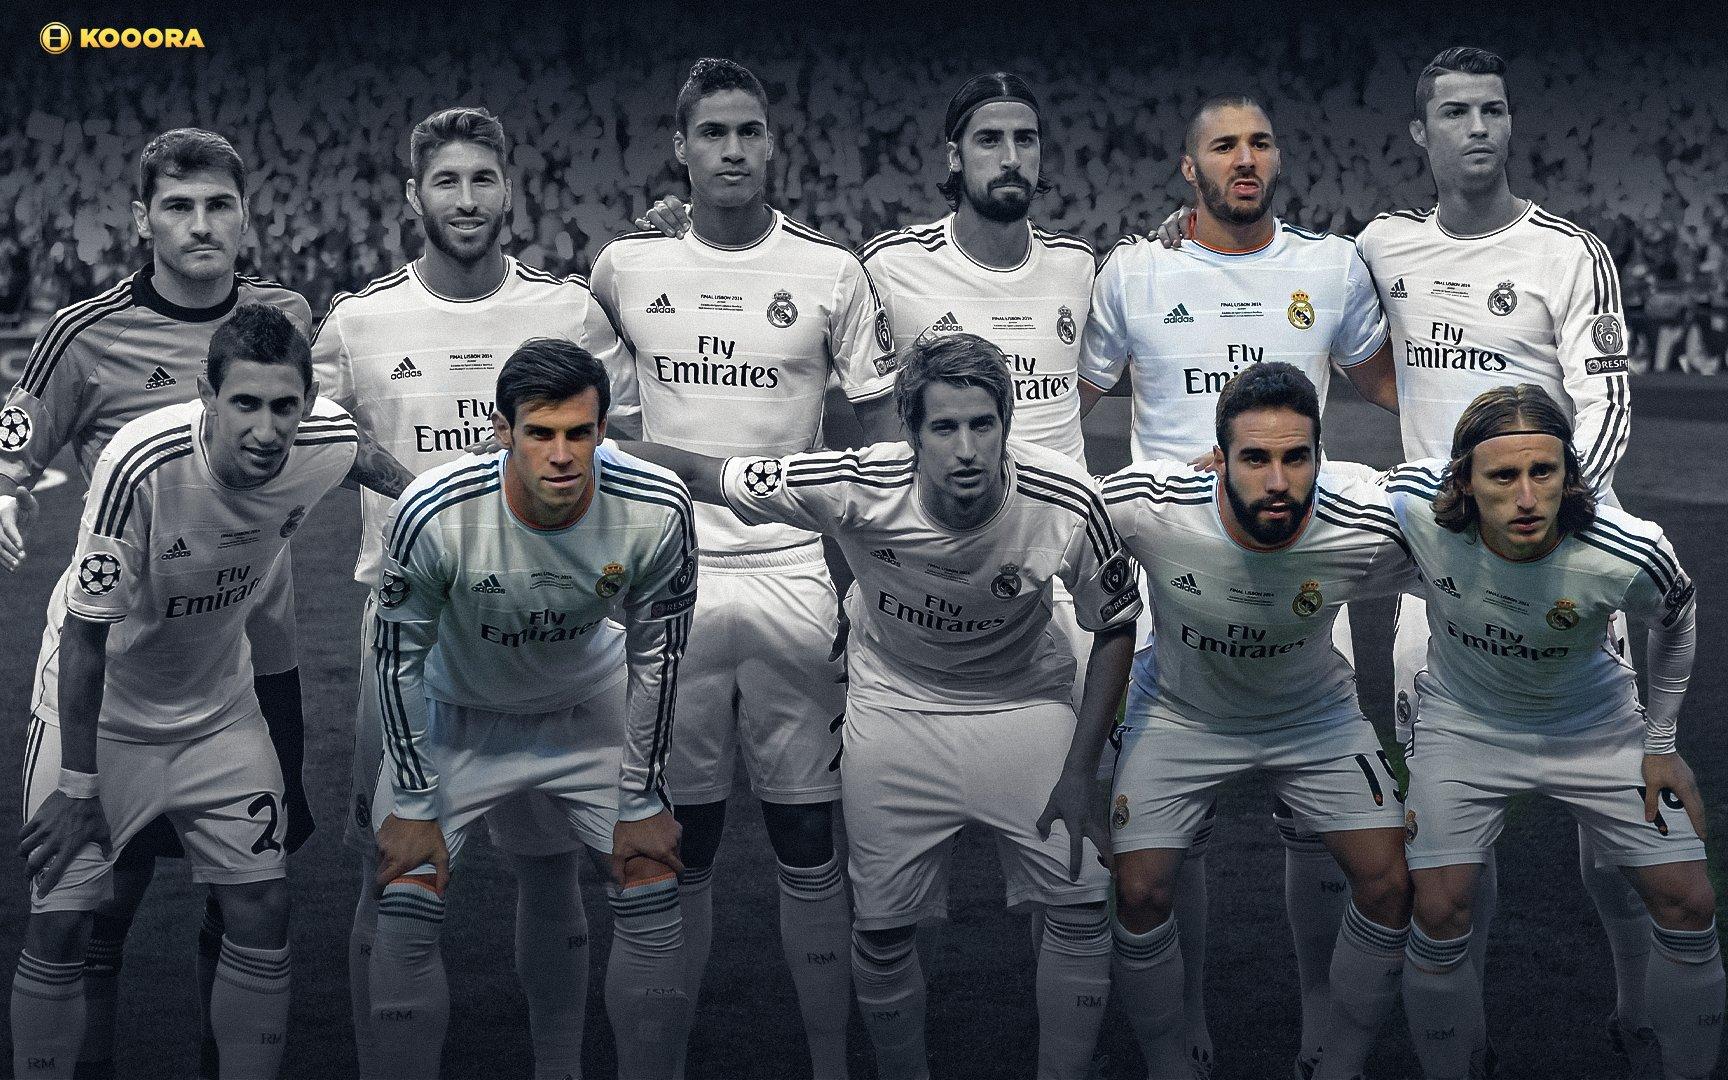 4 لاعبين فقط تبقوا من تشكيل ريال مدريد في نهائي العاشرة 😨